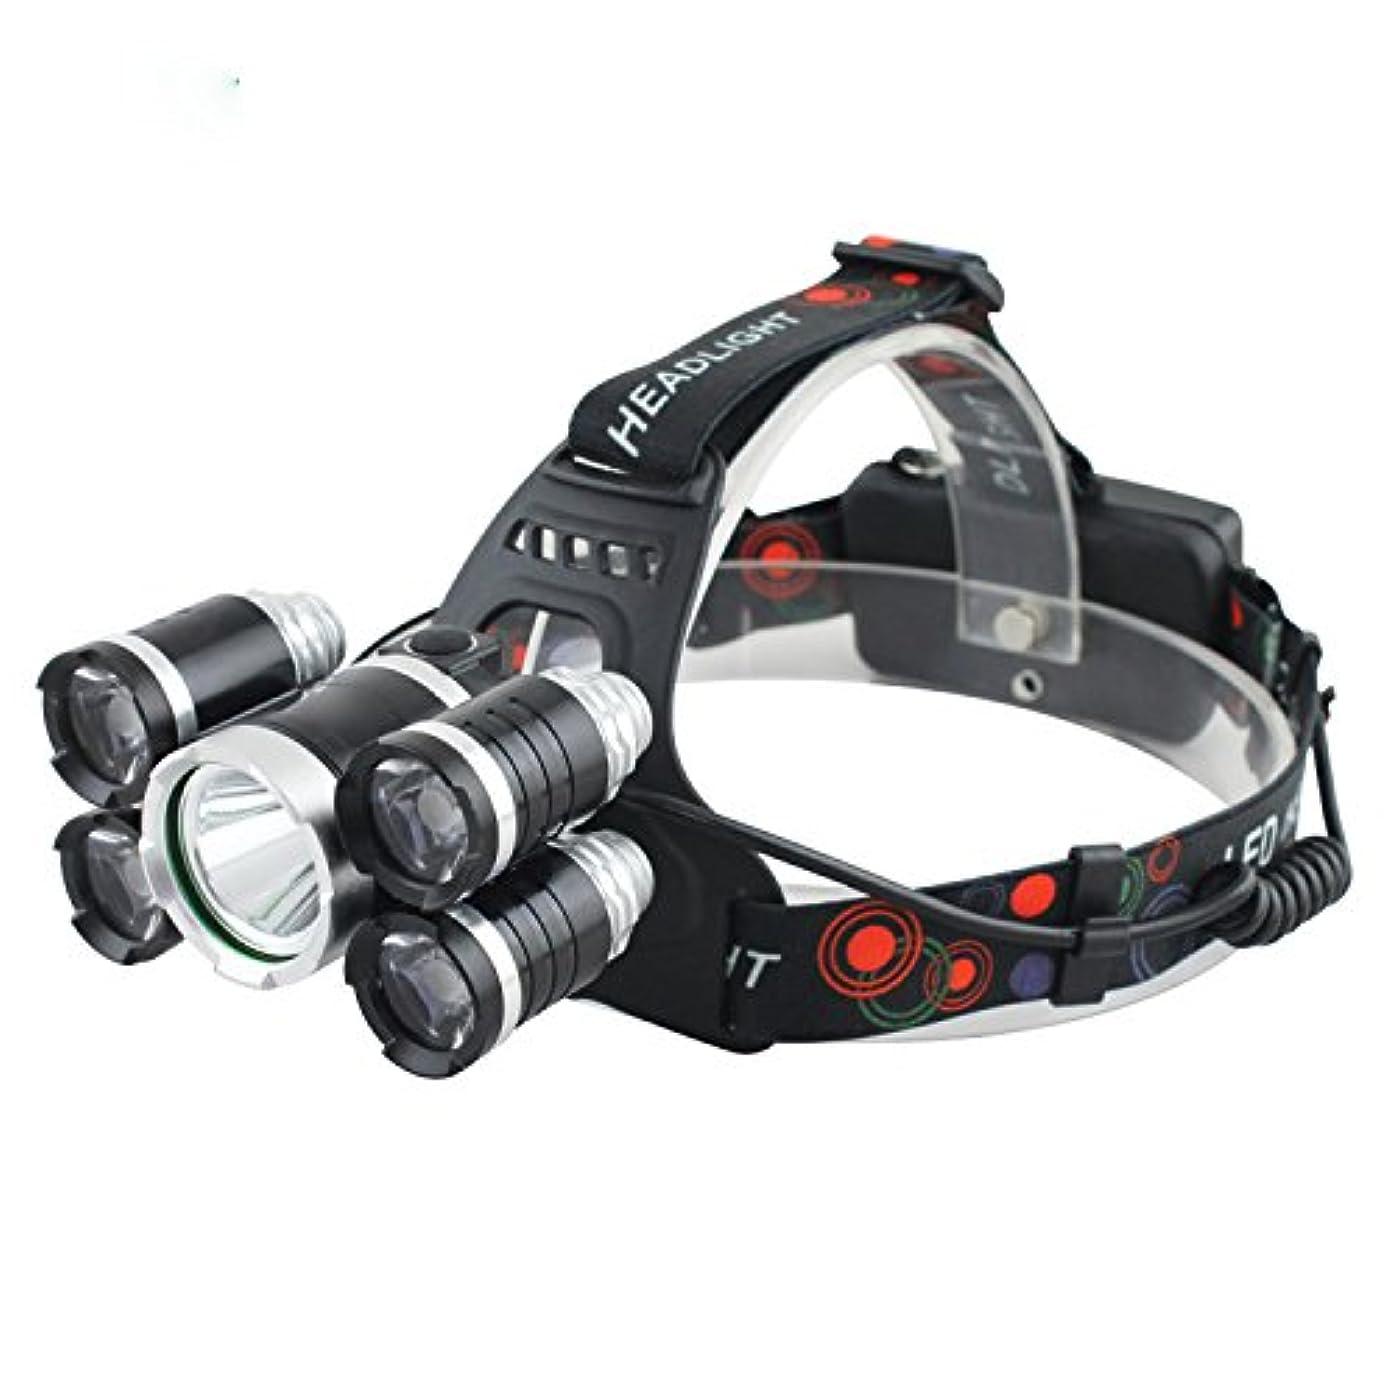 理論的ハンドブック万一に備えてスーパーブライト Ledヘッドランプ5 ledヘッドライト照明XML t6 4 q 5ヘッドランプ強力なledヘッドライト18650充電式電池キャンプ用ライディング読書雨天